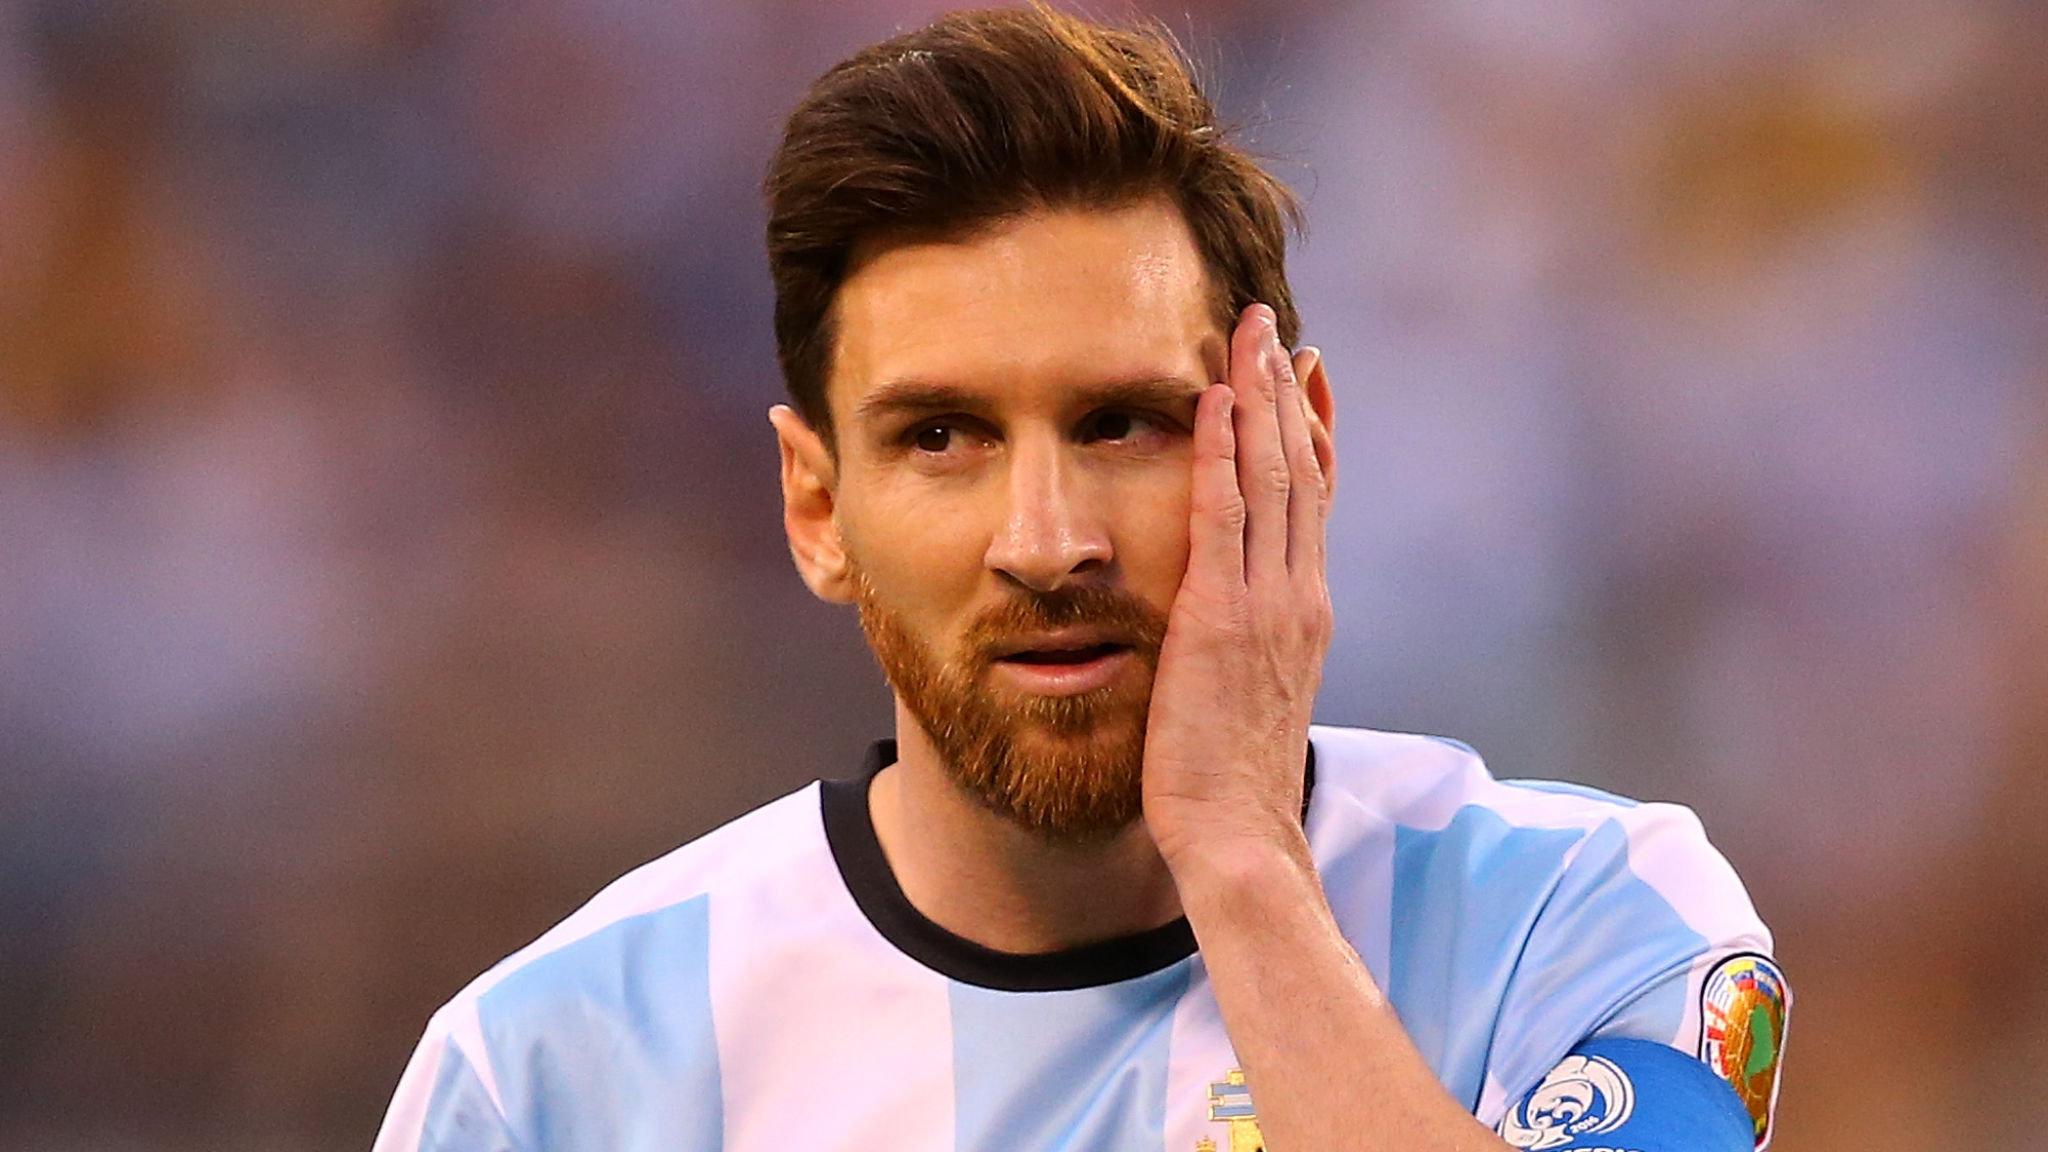 Lionel Messi : Colère et inquiétude au Barça